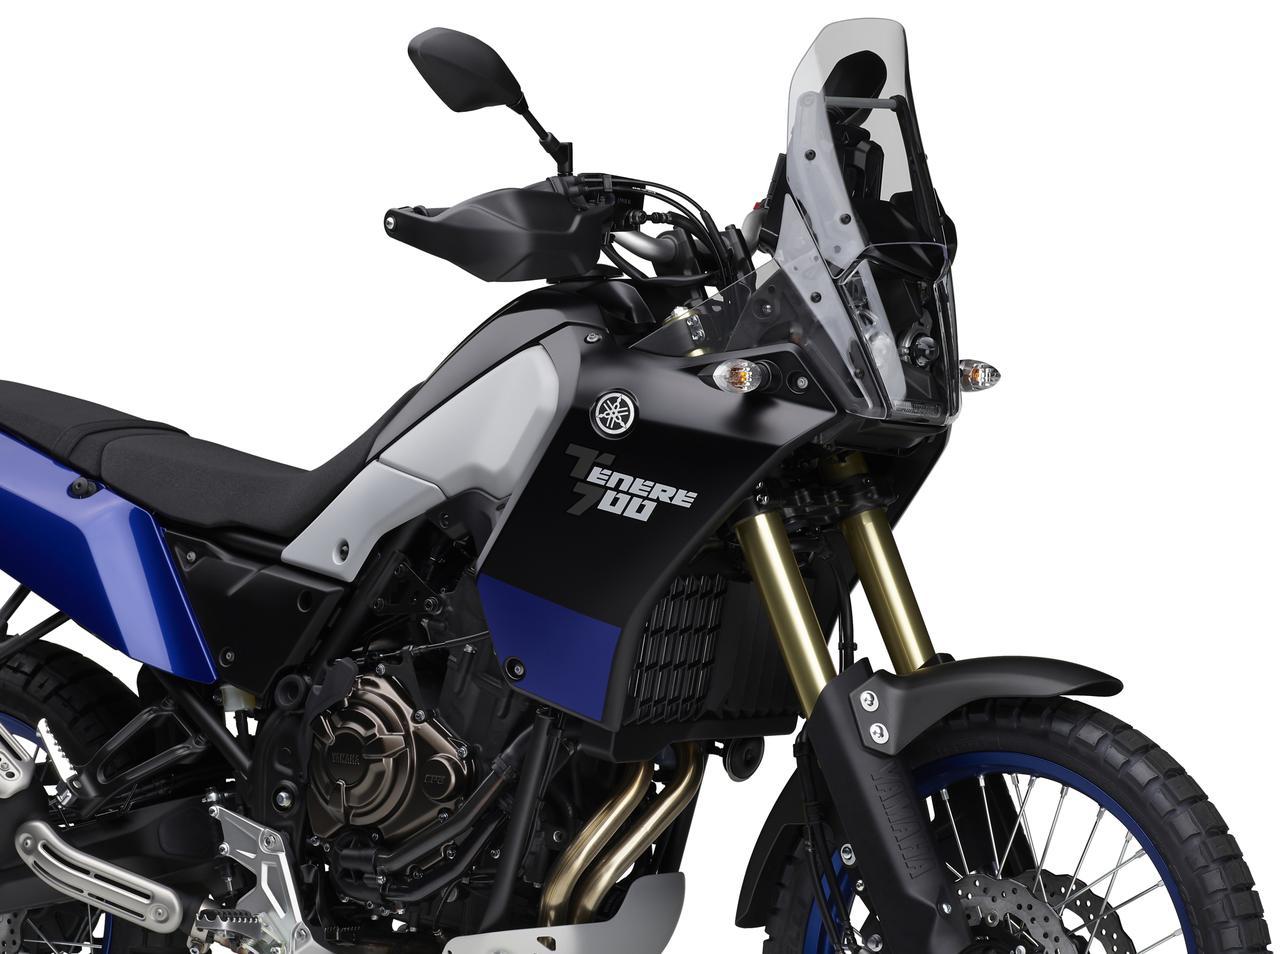 700 ヤマハ テネレ ヤマハがオフロードバイク「テネレ700 ABS」を発表